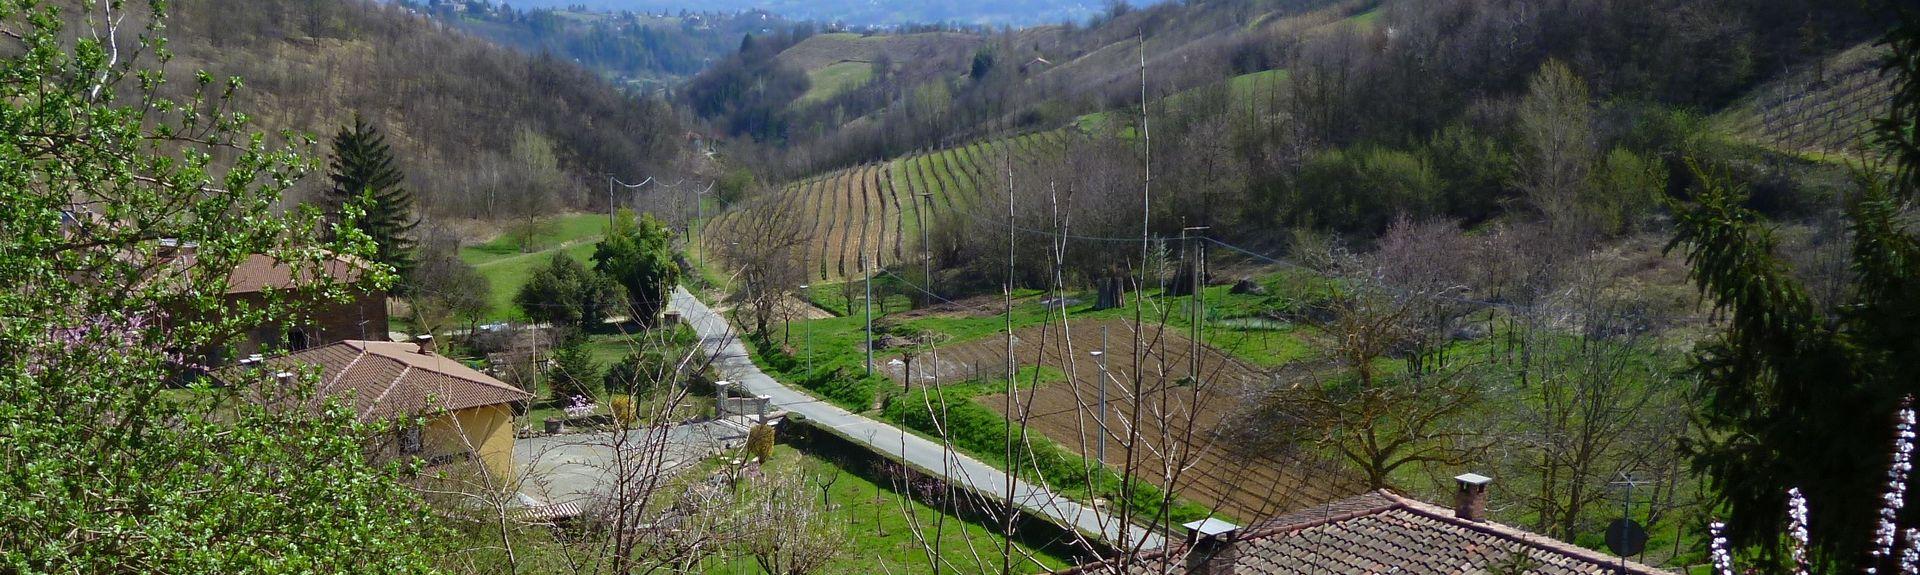 Castelnuovo Calcea, Piedmont, Italië